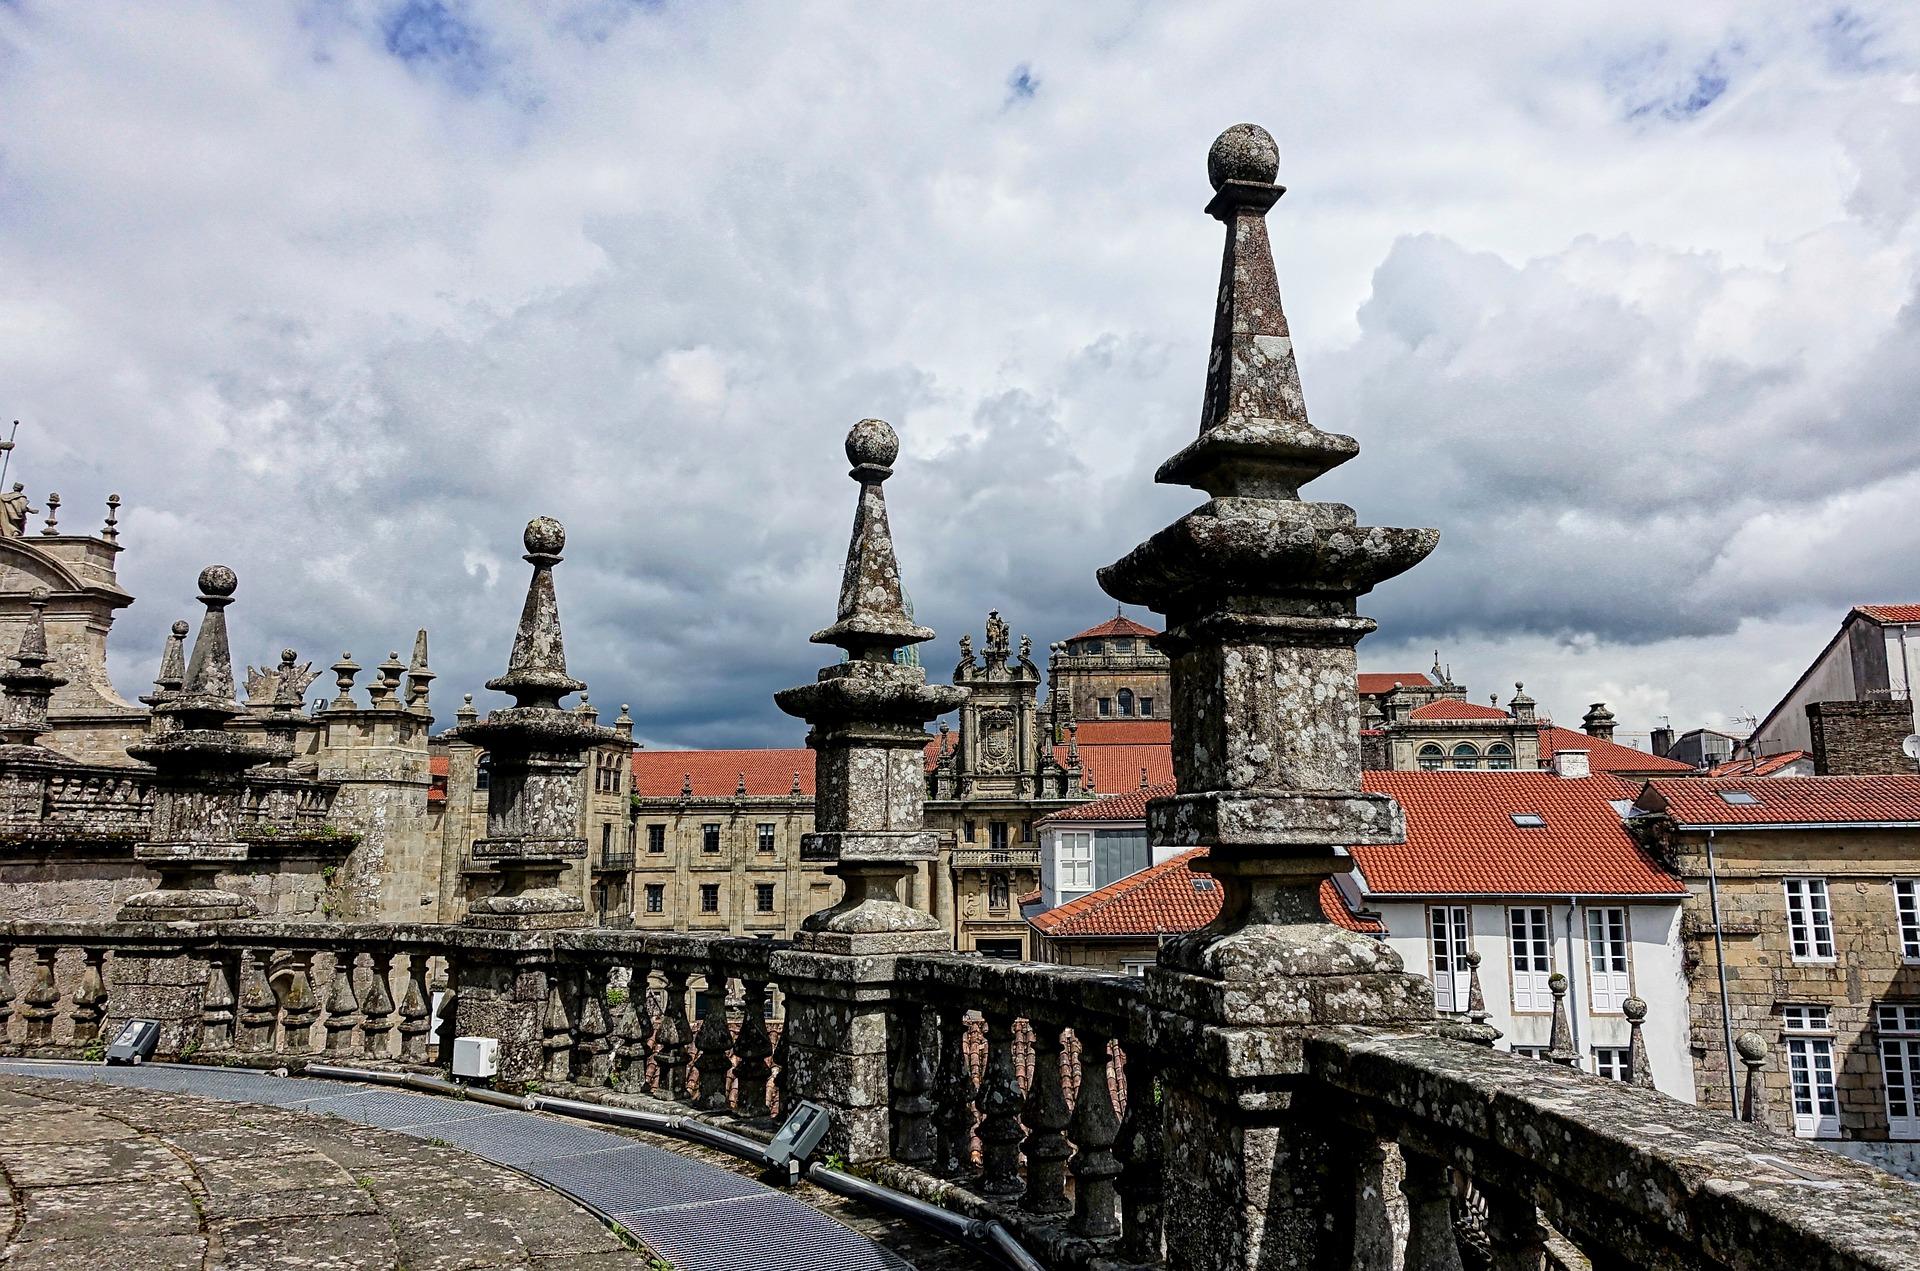 O cenário de Santiago de Compostela oferece ao visitante uma experiência de história e fé combinadas